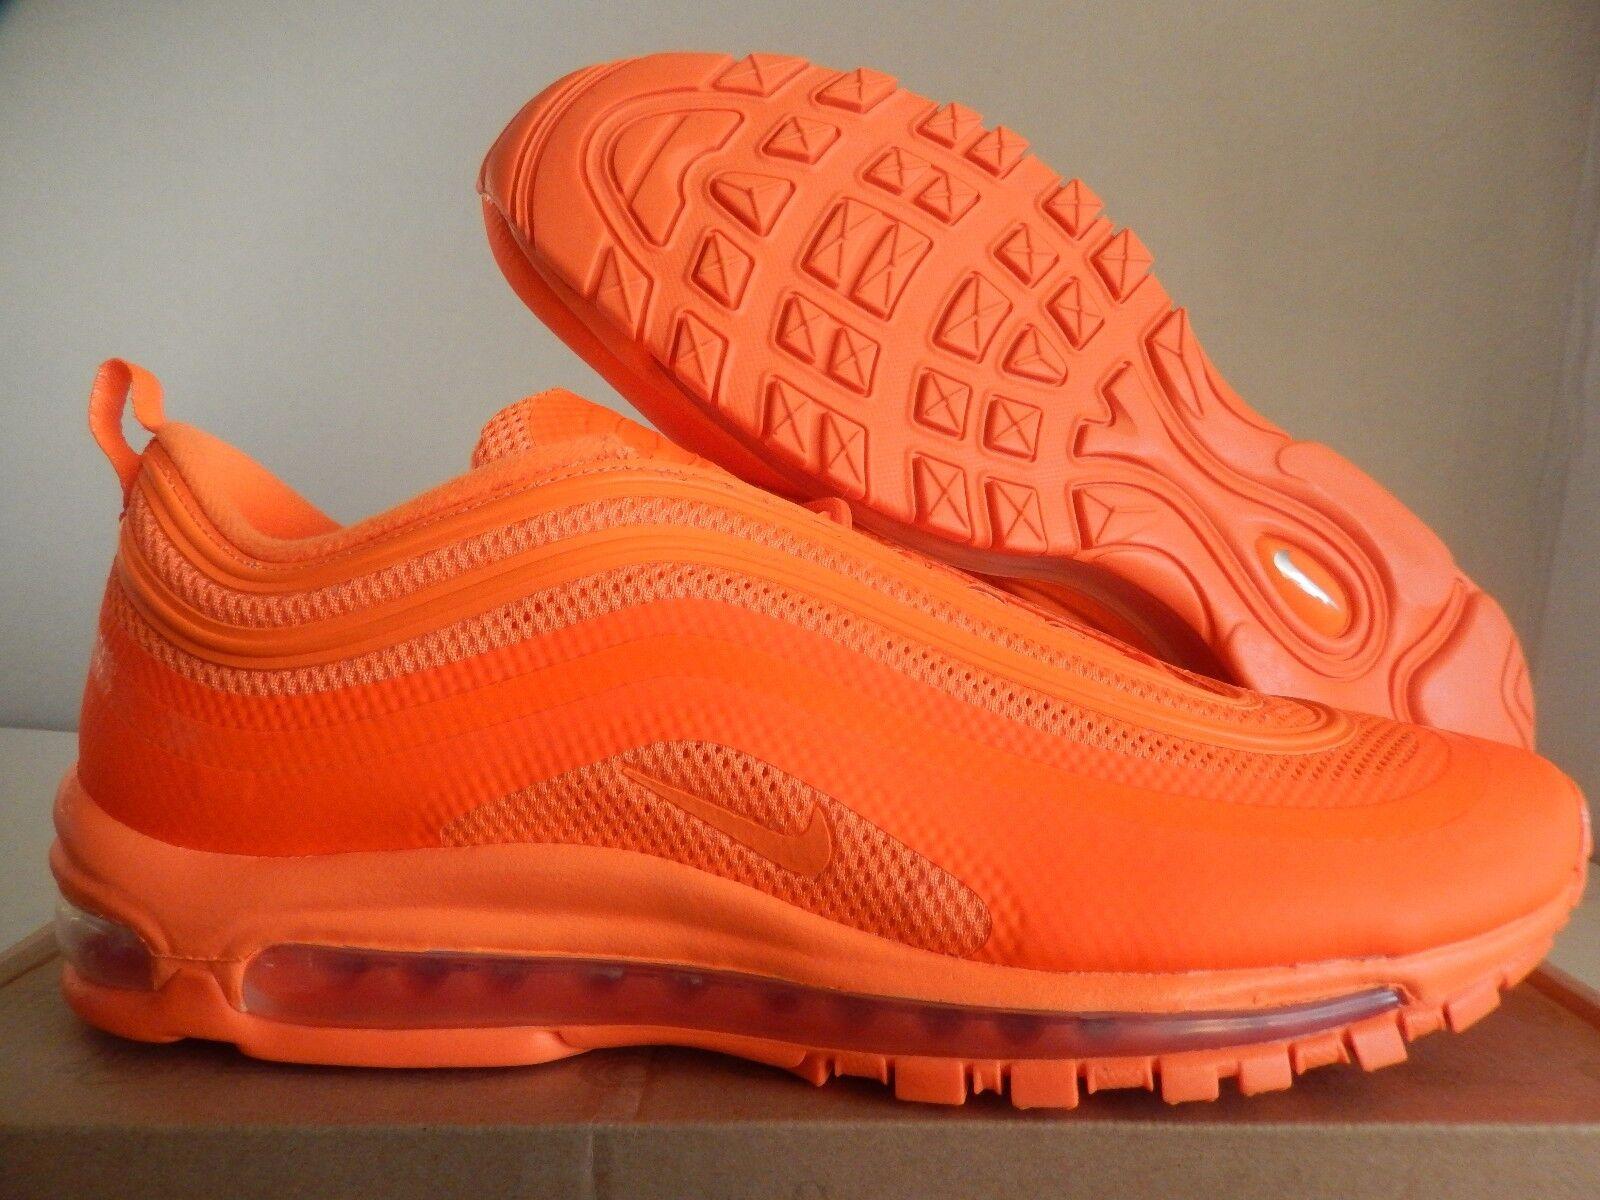 d084e16bc1 Acheter 1 1 gratuit air max 97 orange Acheter pas cher – Chaussures ...